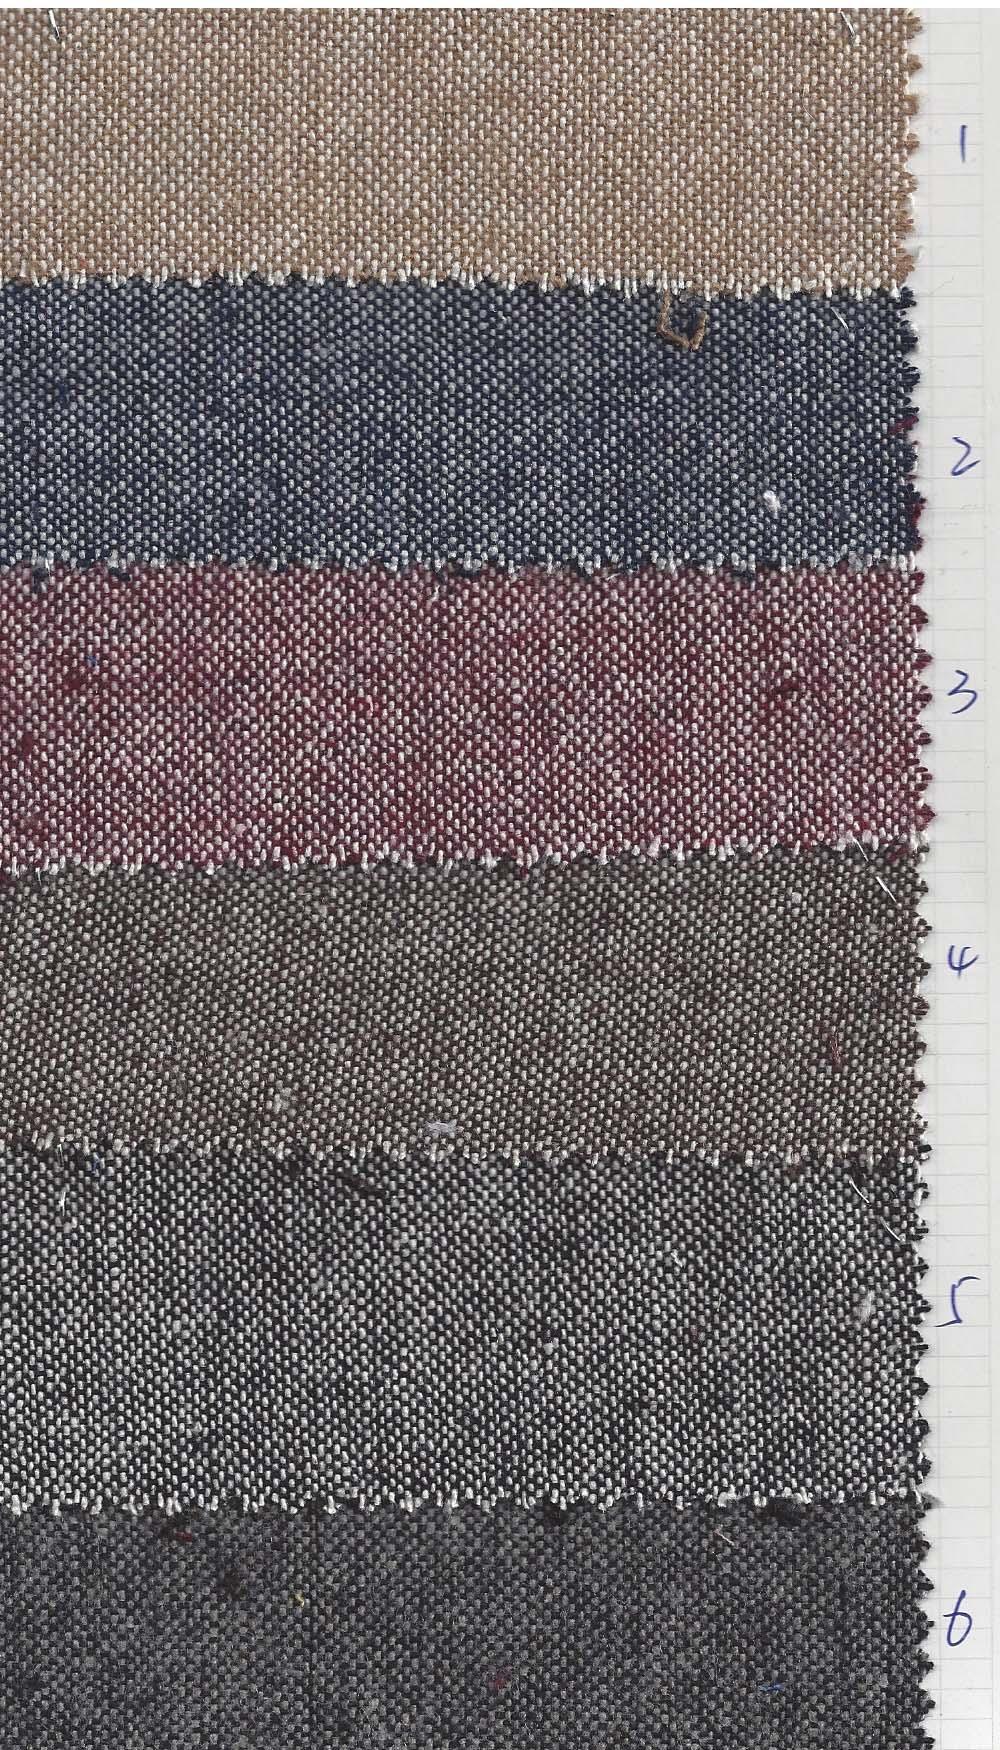 Zhi Cheng Textile K0114.jpg